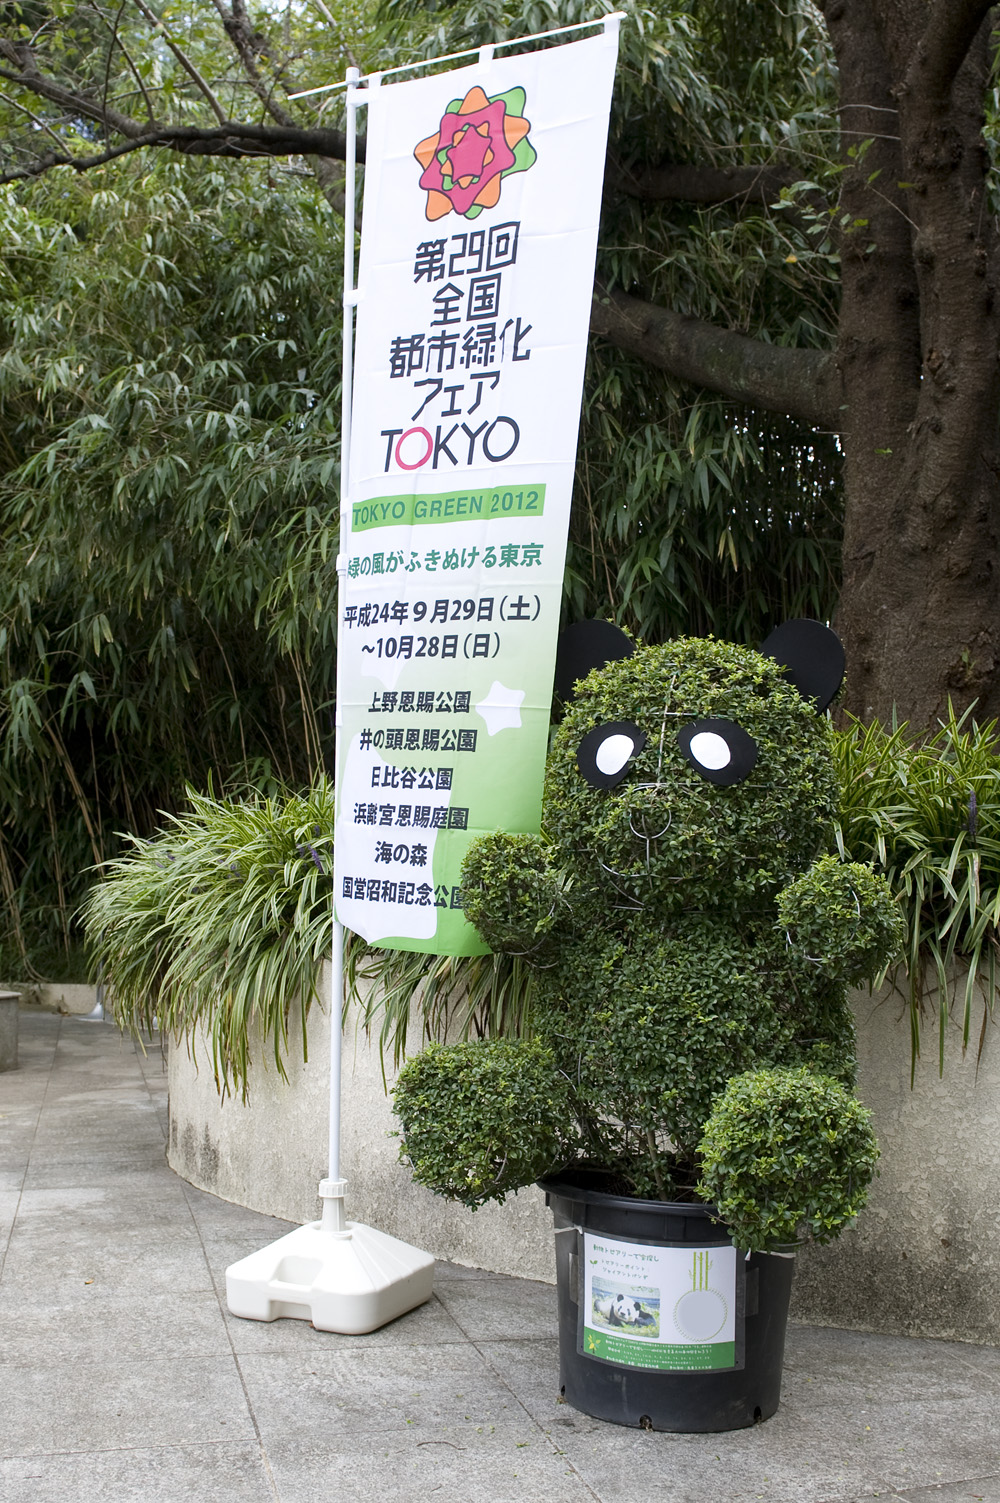 第29回全国都市緑化フェアTOKYO